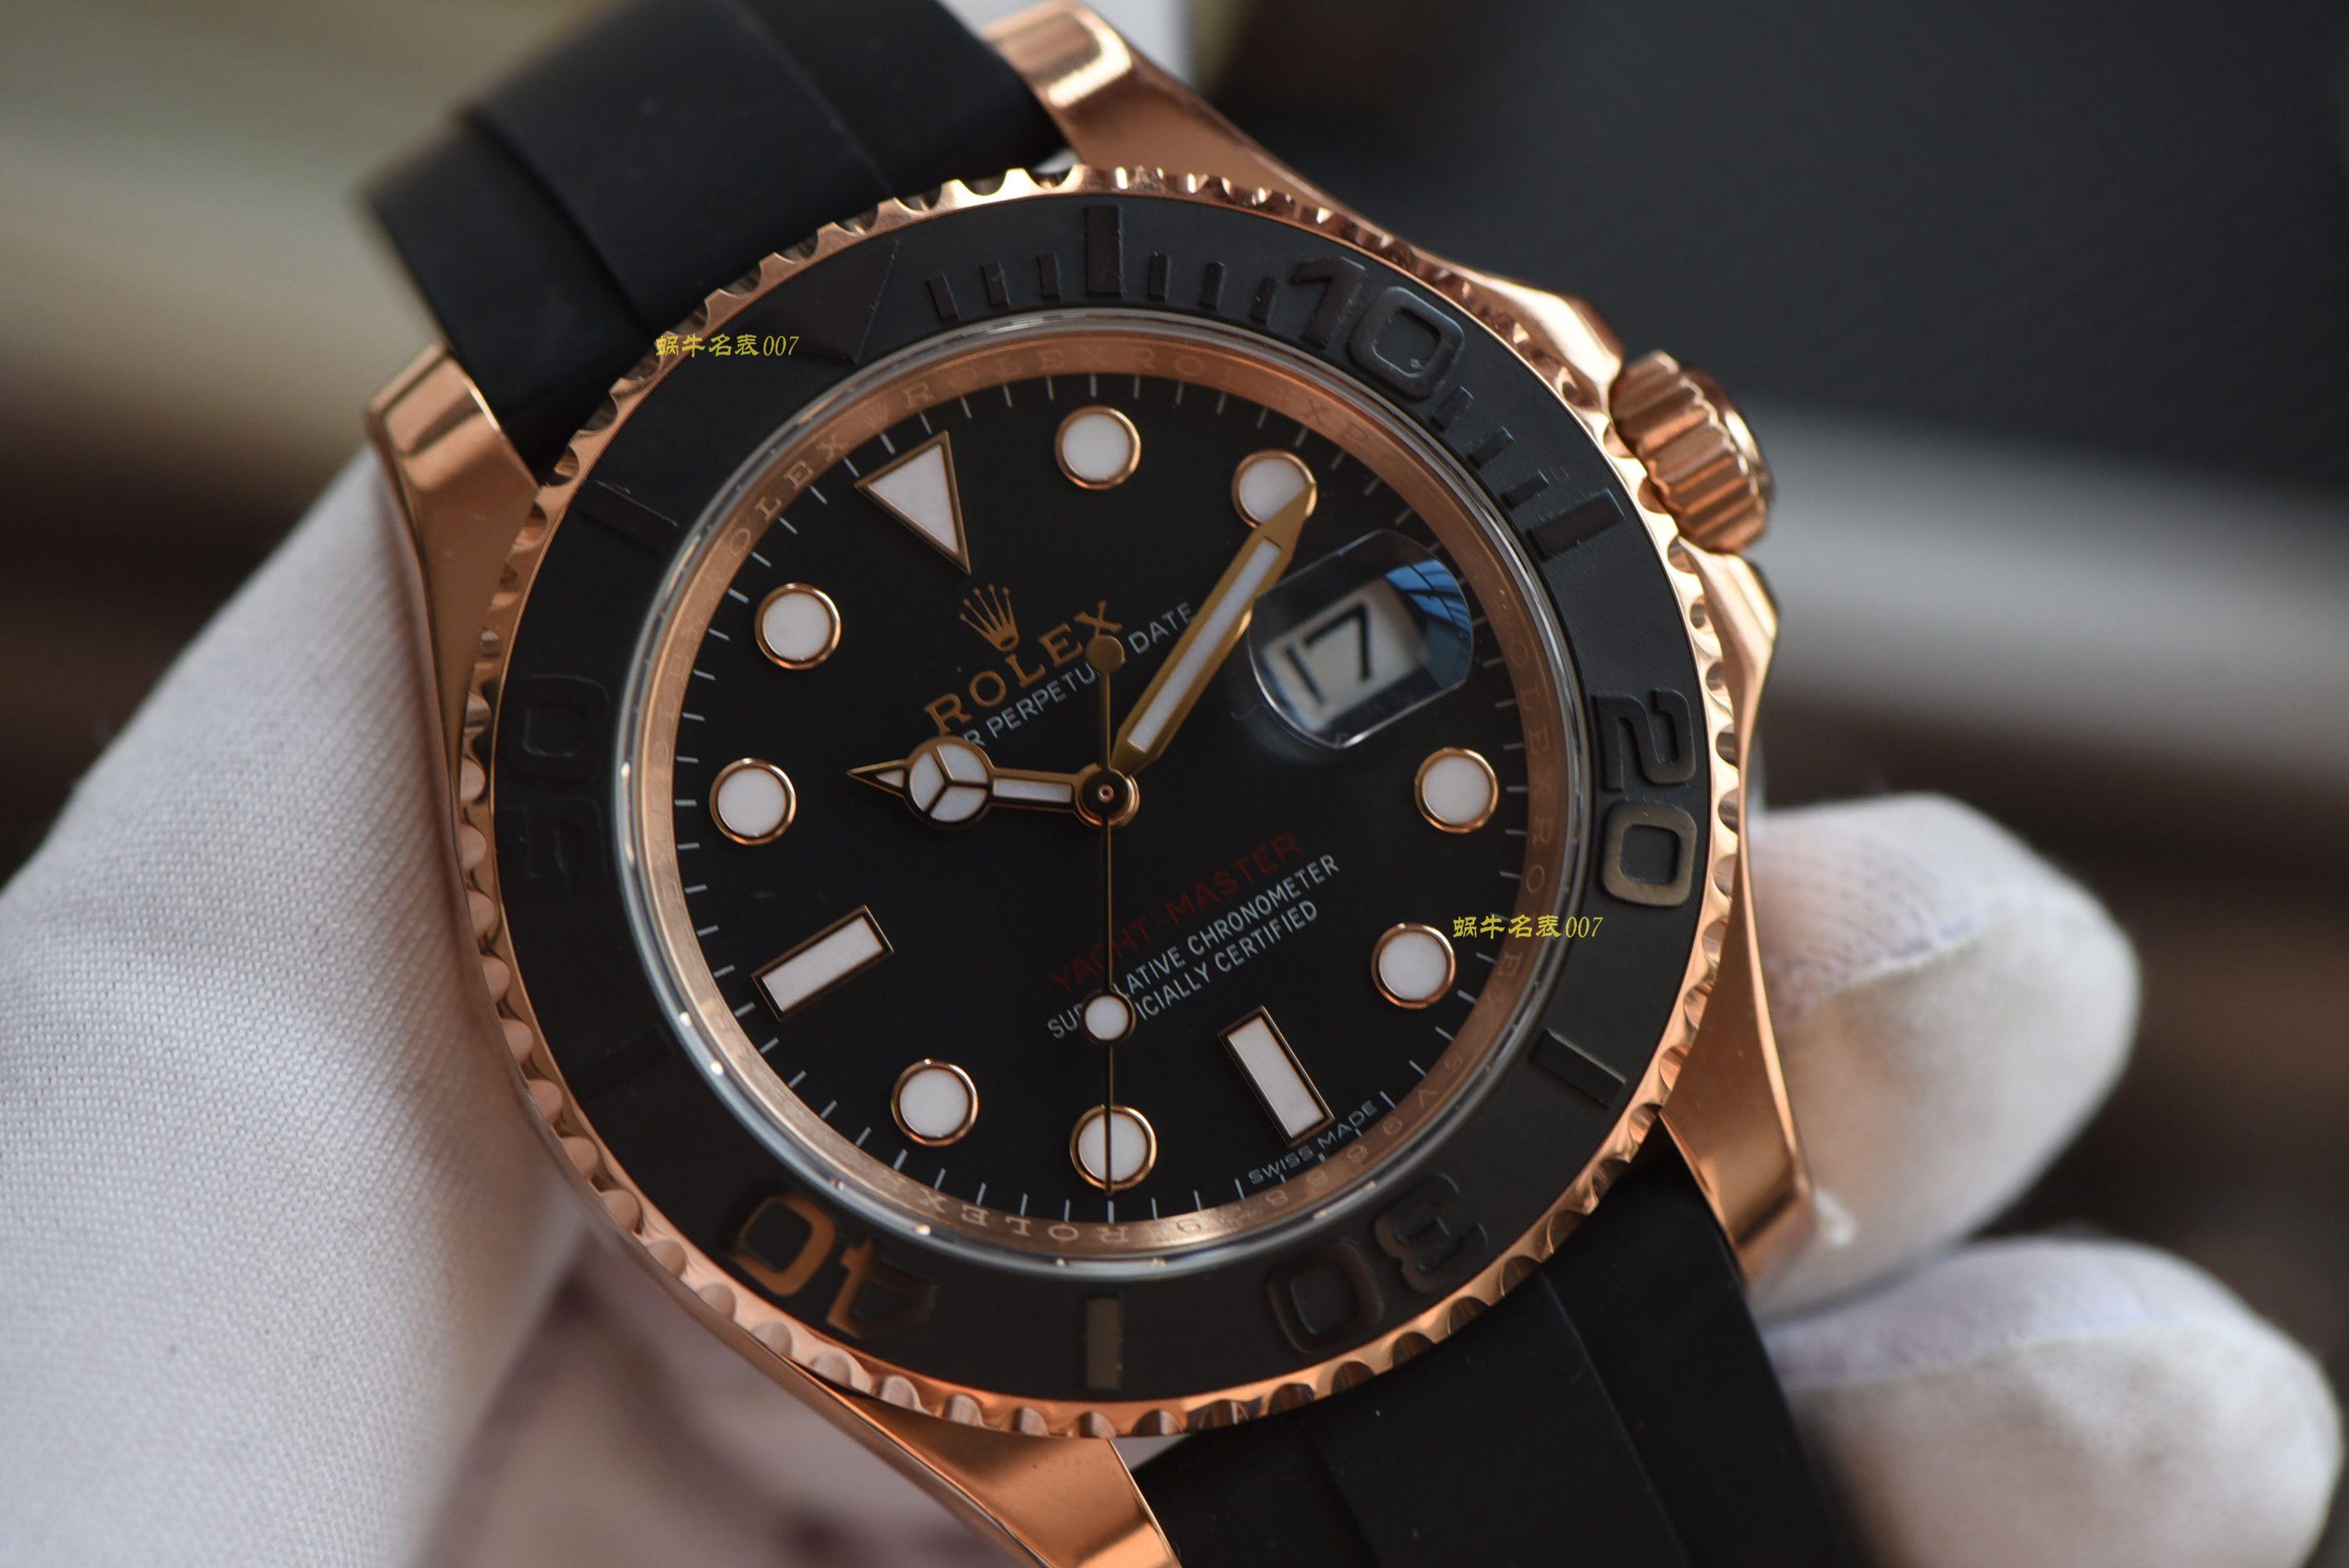 【视频评测】AR劳力士游艇名仕型系列116655-Oysterflex bracelet腕表(AR一比一高仿劳力士金游艇)